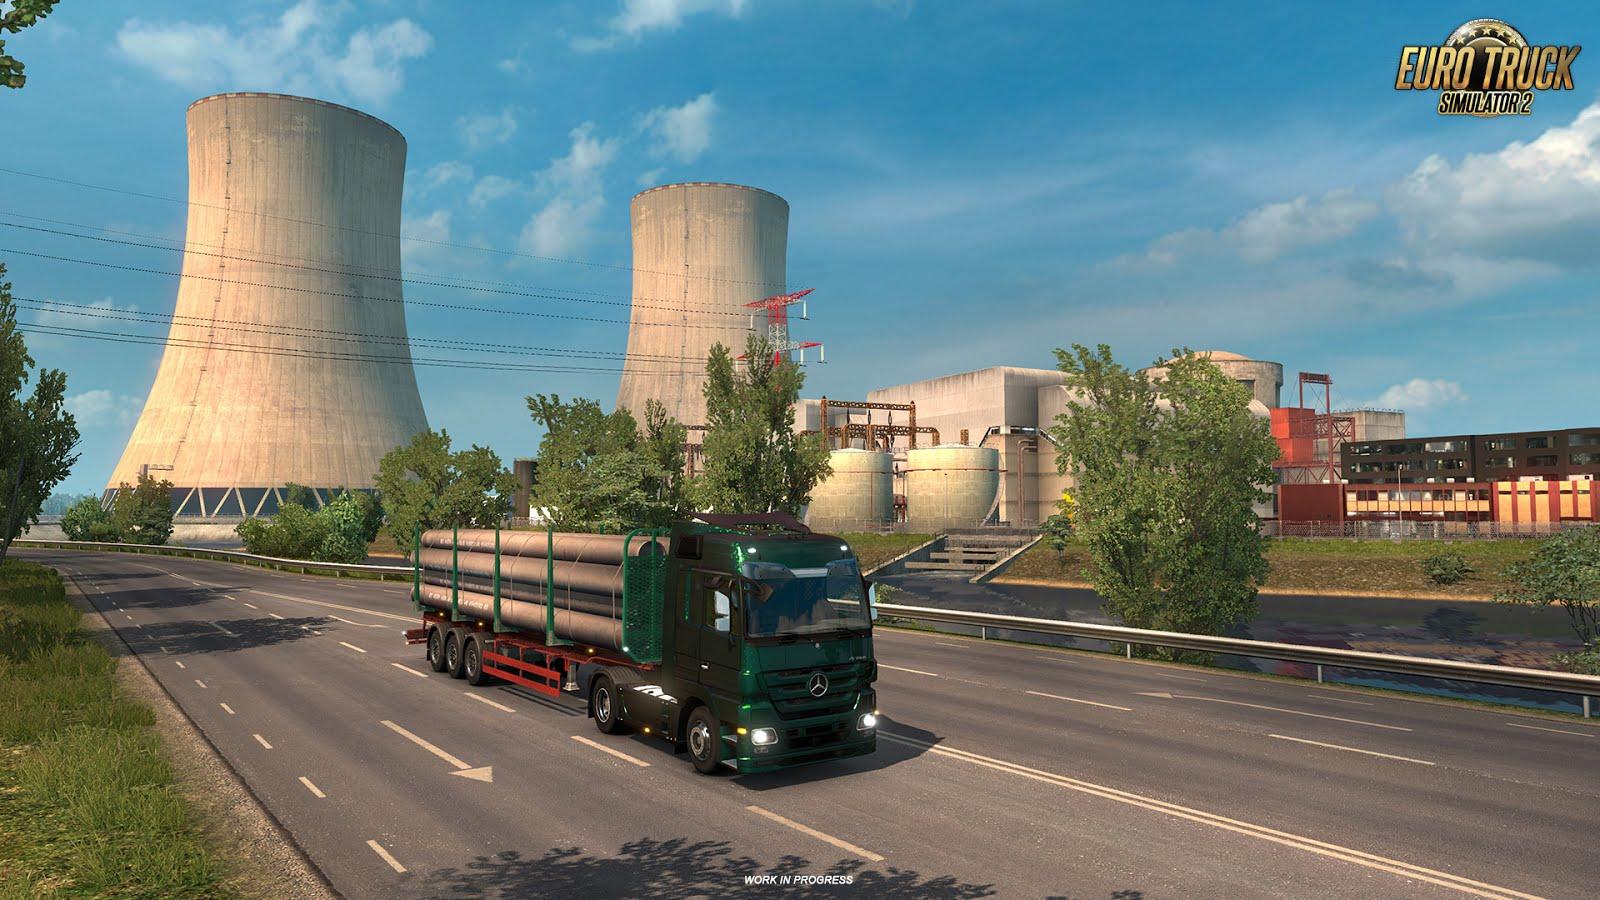 Francie a Arizona do českých kamionových simulátorů 123839